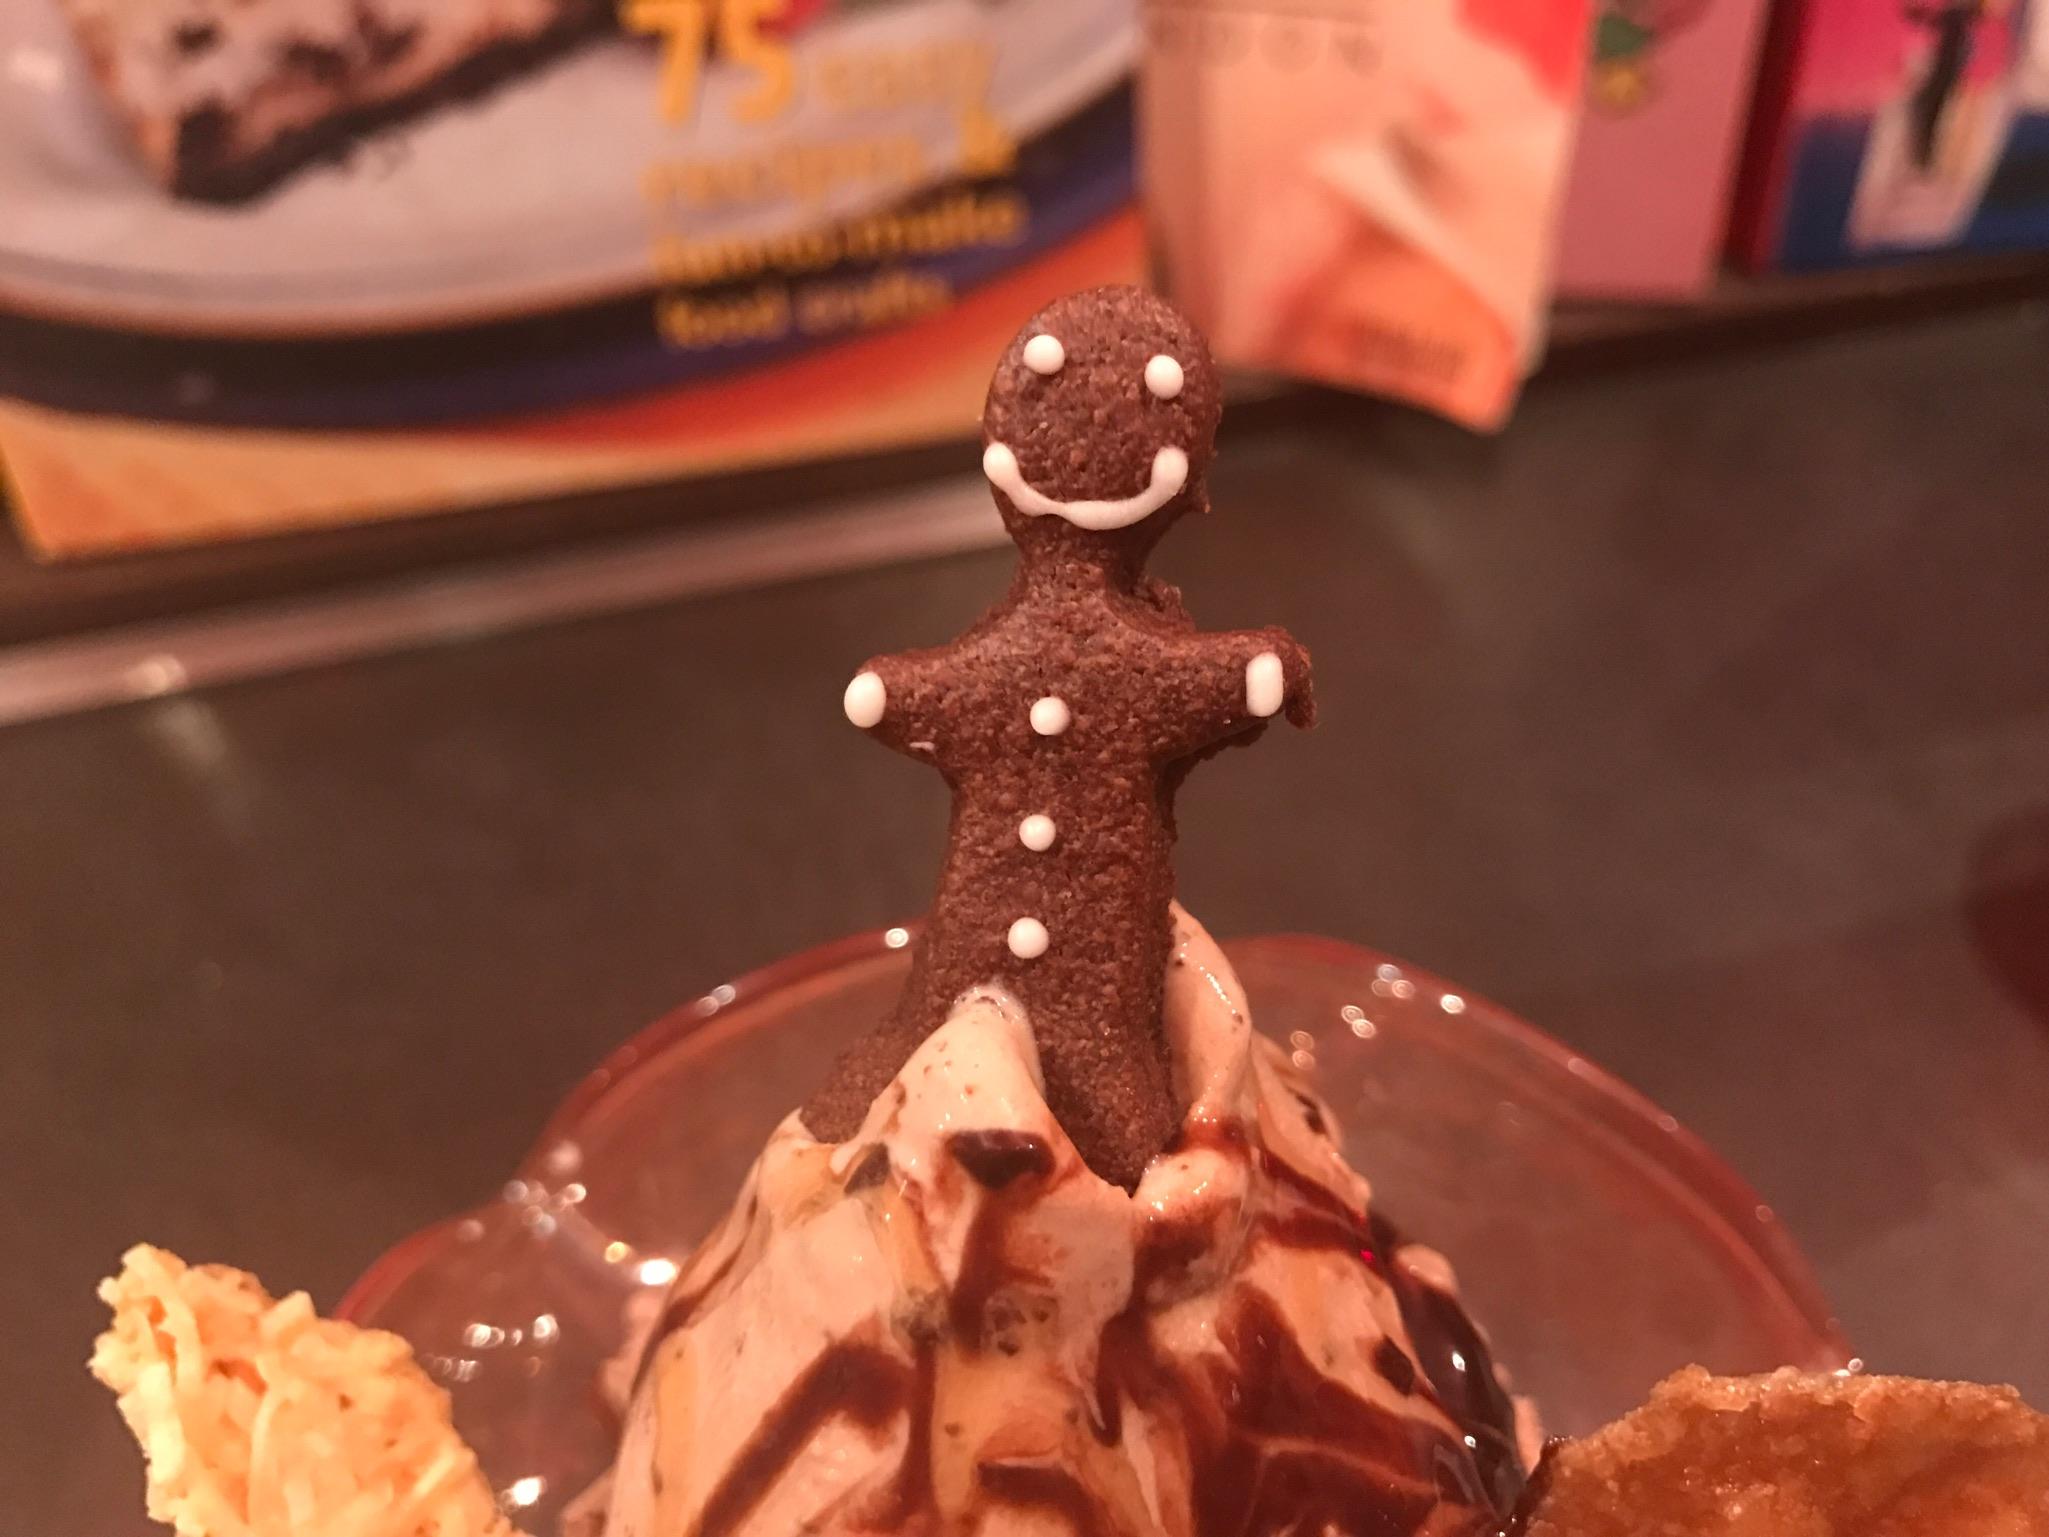 パフェの上に乗っていた人形のクッキー